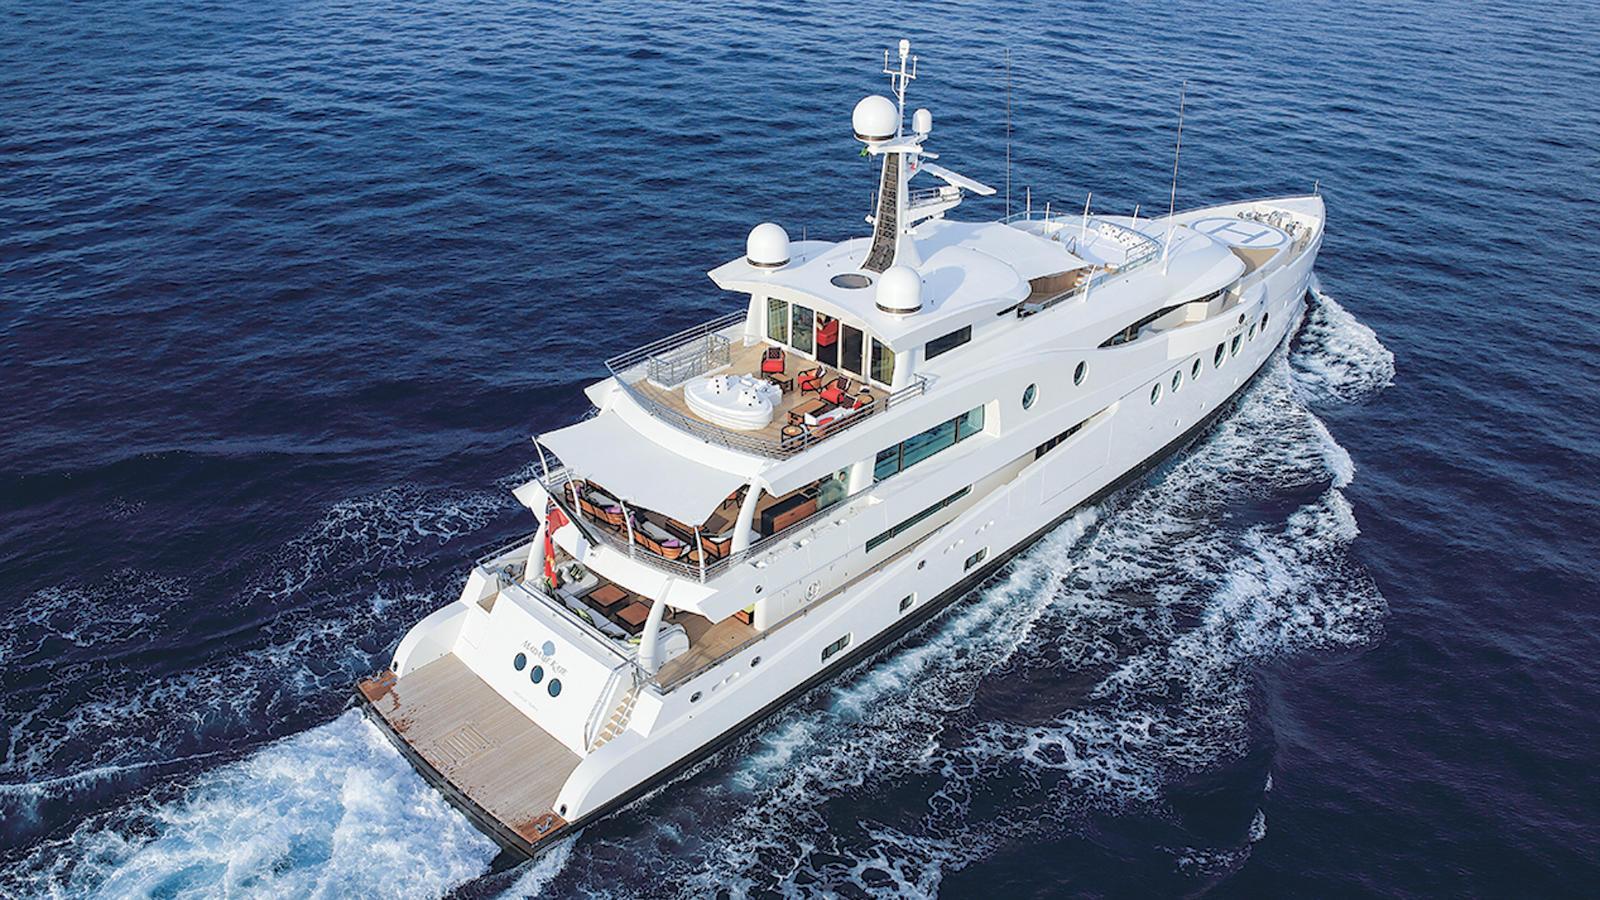 madame-kate-motor-yacht-amels-1999-62m-2015-stern=cruising